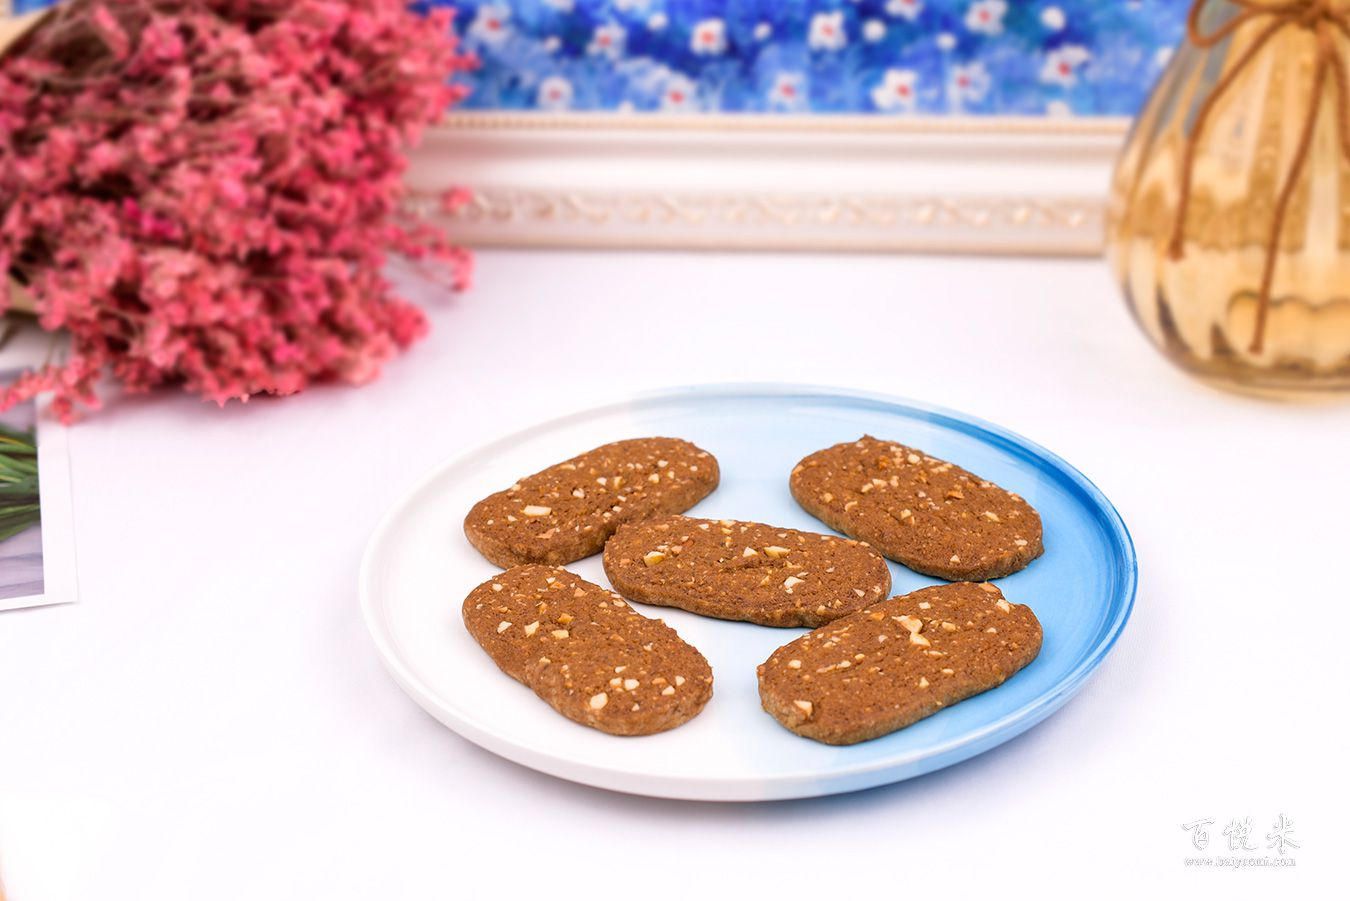 摩卡坚果饼干高清图片大全【蛋糕图片】_348